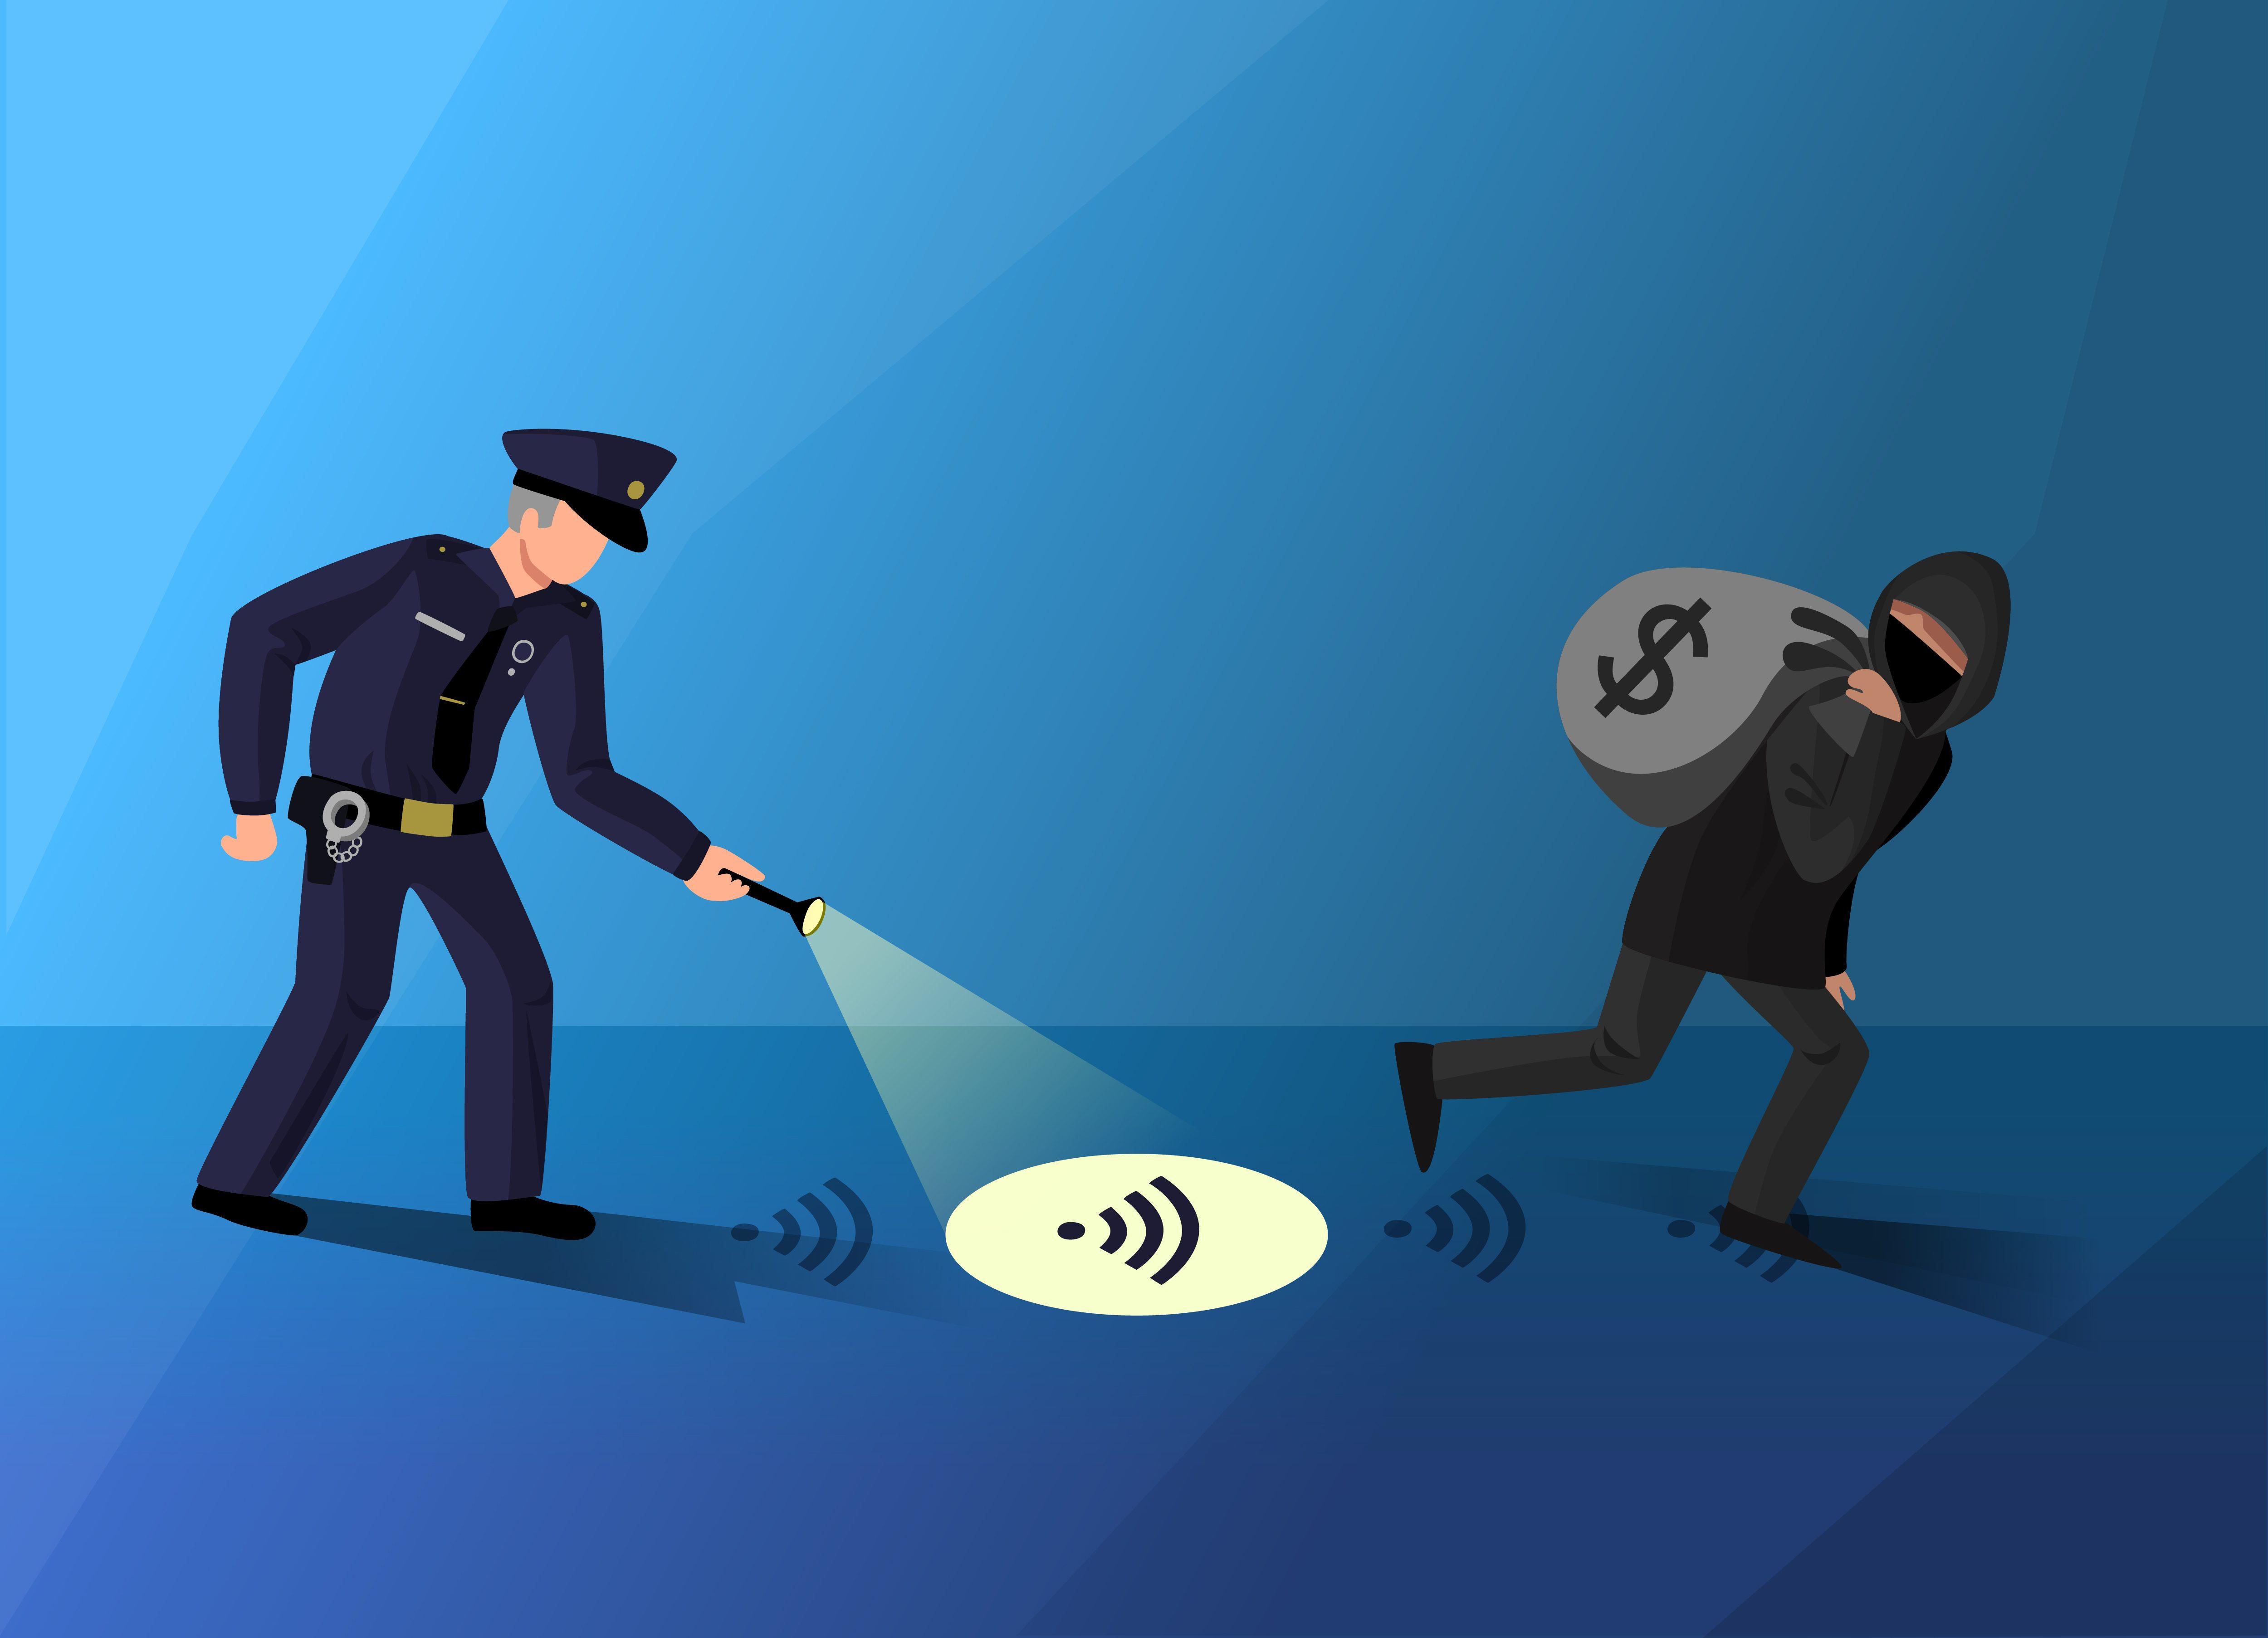 Вандалы воруют кабеля, а полиция бездействует